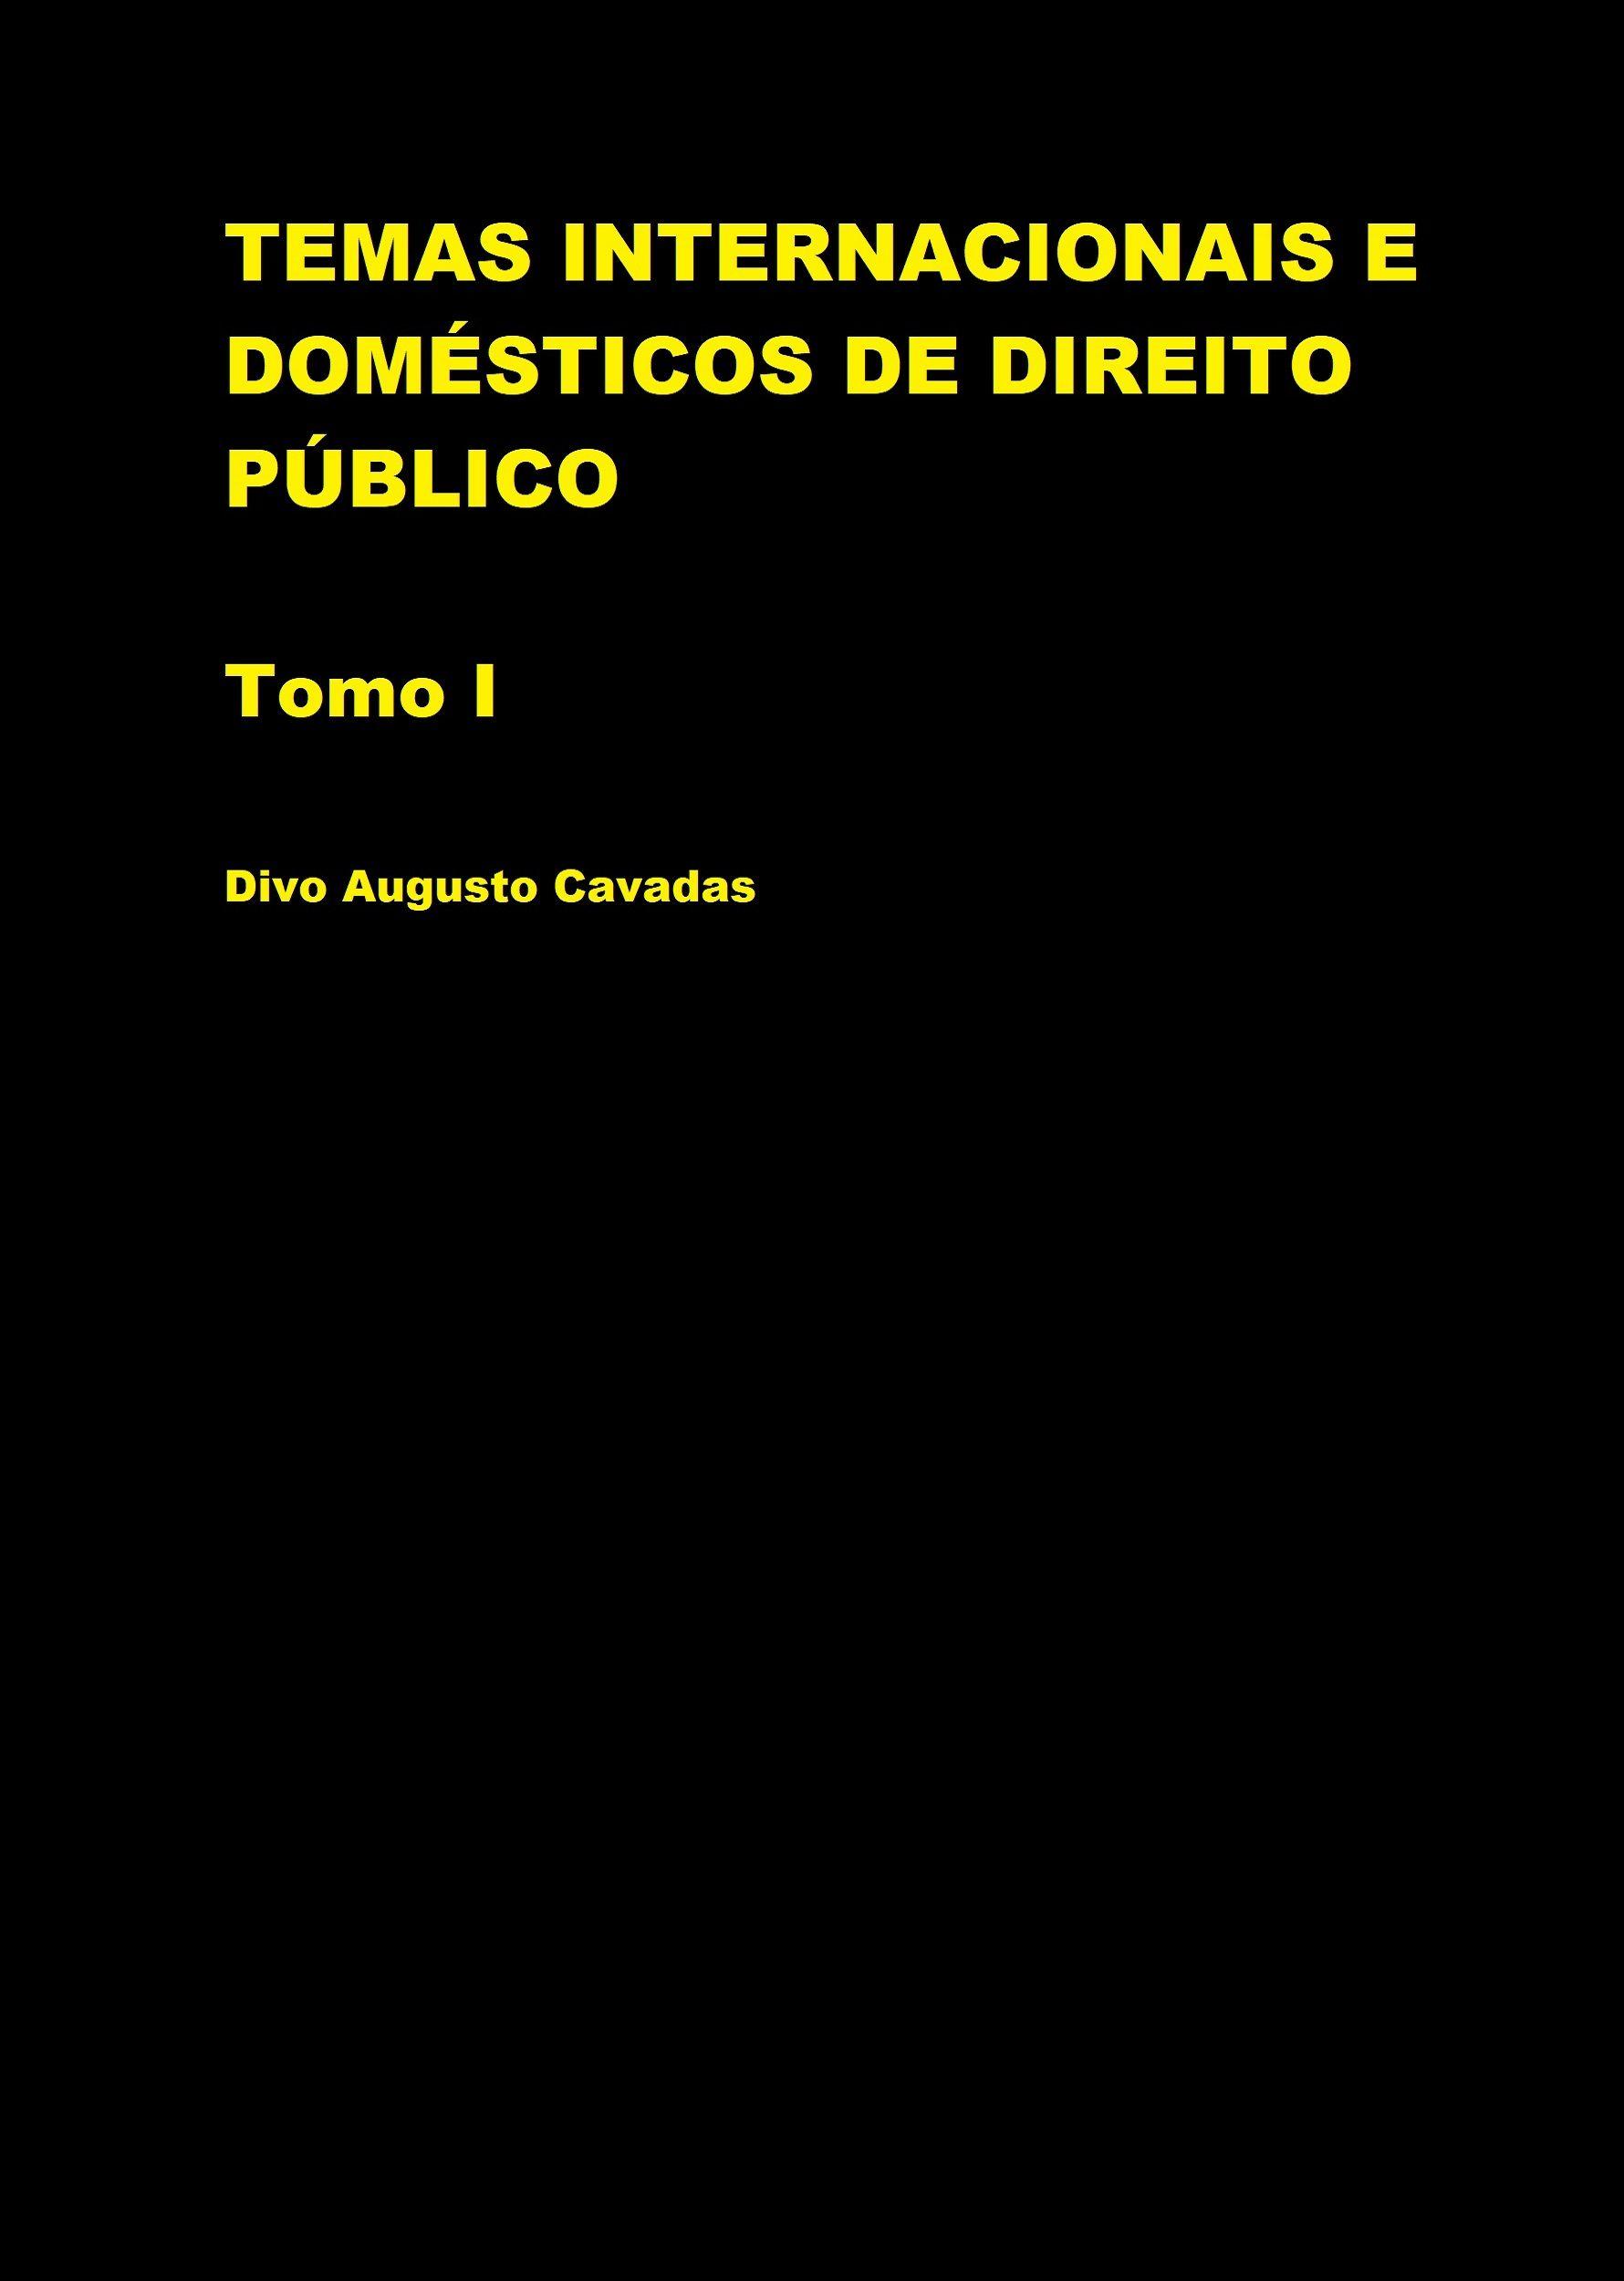 Temas Internacionais e Domésticos de Direito Público - tomo I